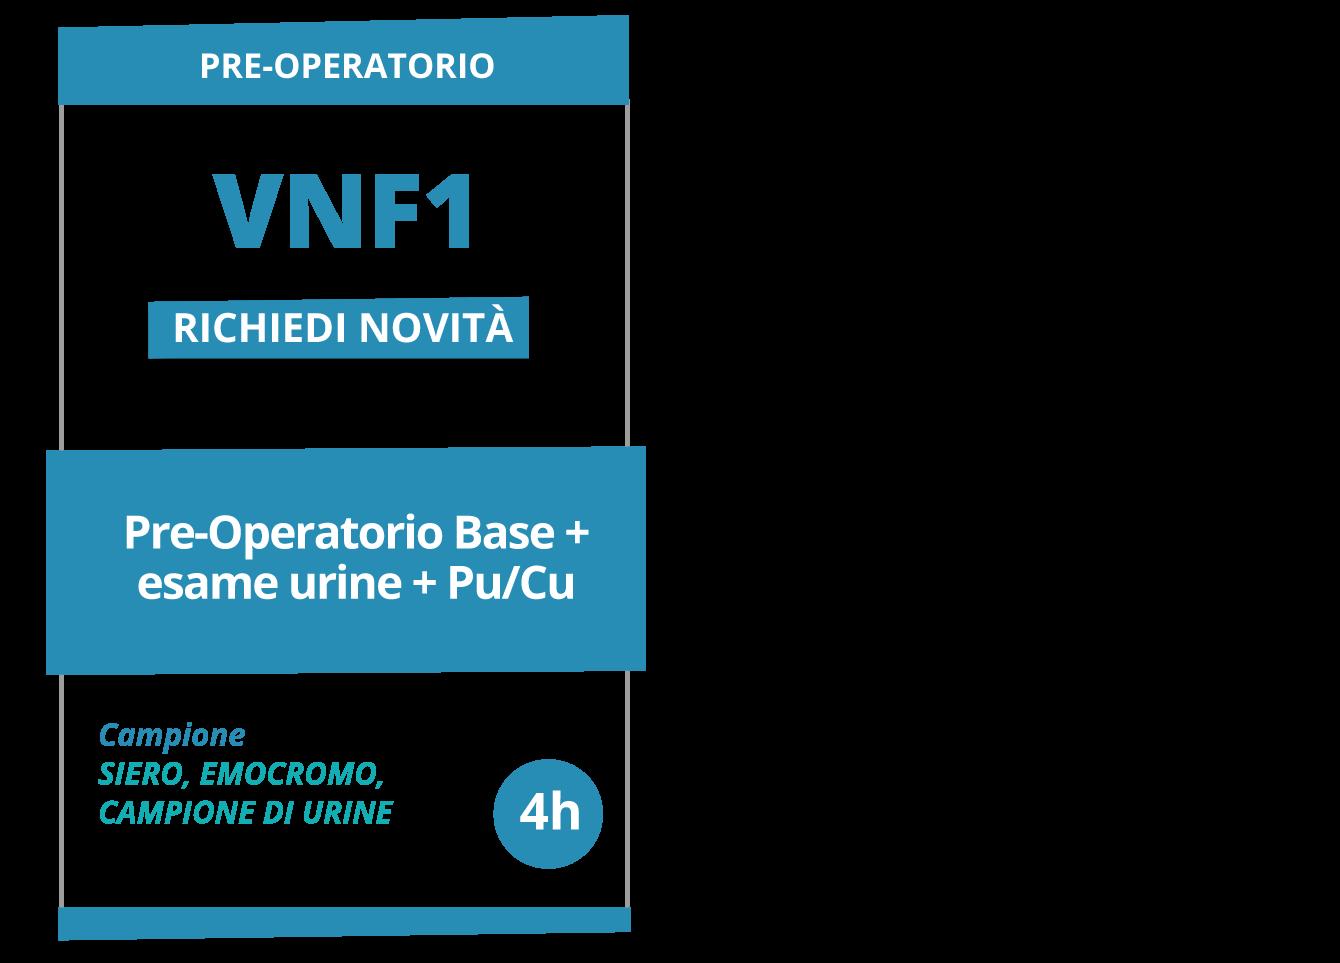 vnf1-ProvetLab-pacchetti-novita-luglio-agosto-2020-PRE-OPERATORIO